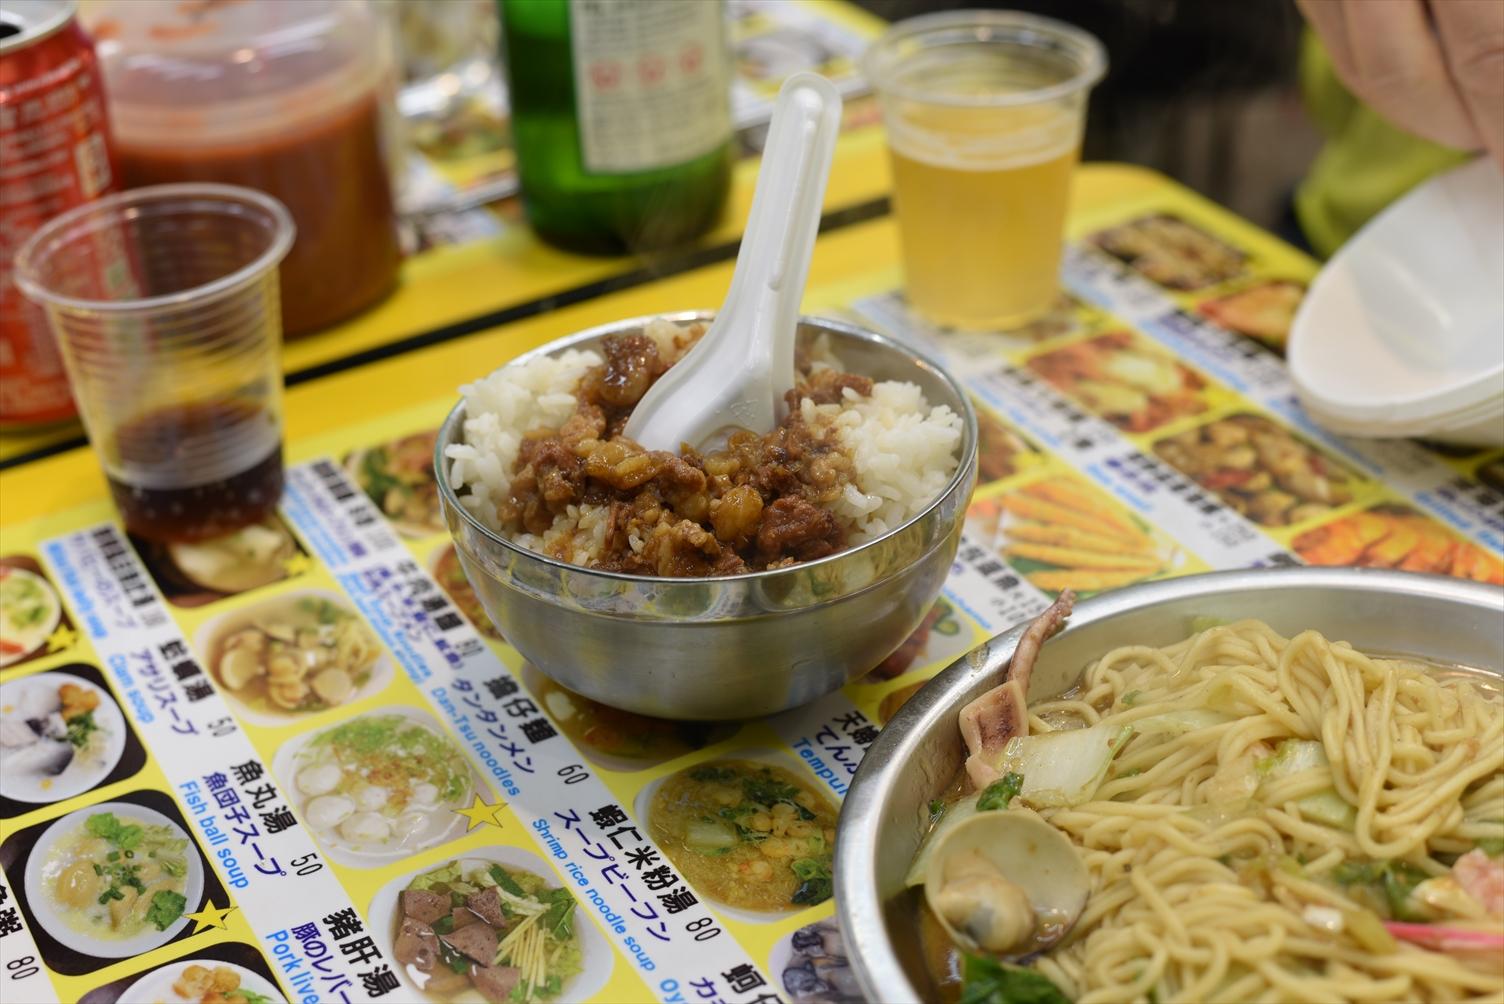 士林夜市 地下美食区 フードコート 魯肉飯